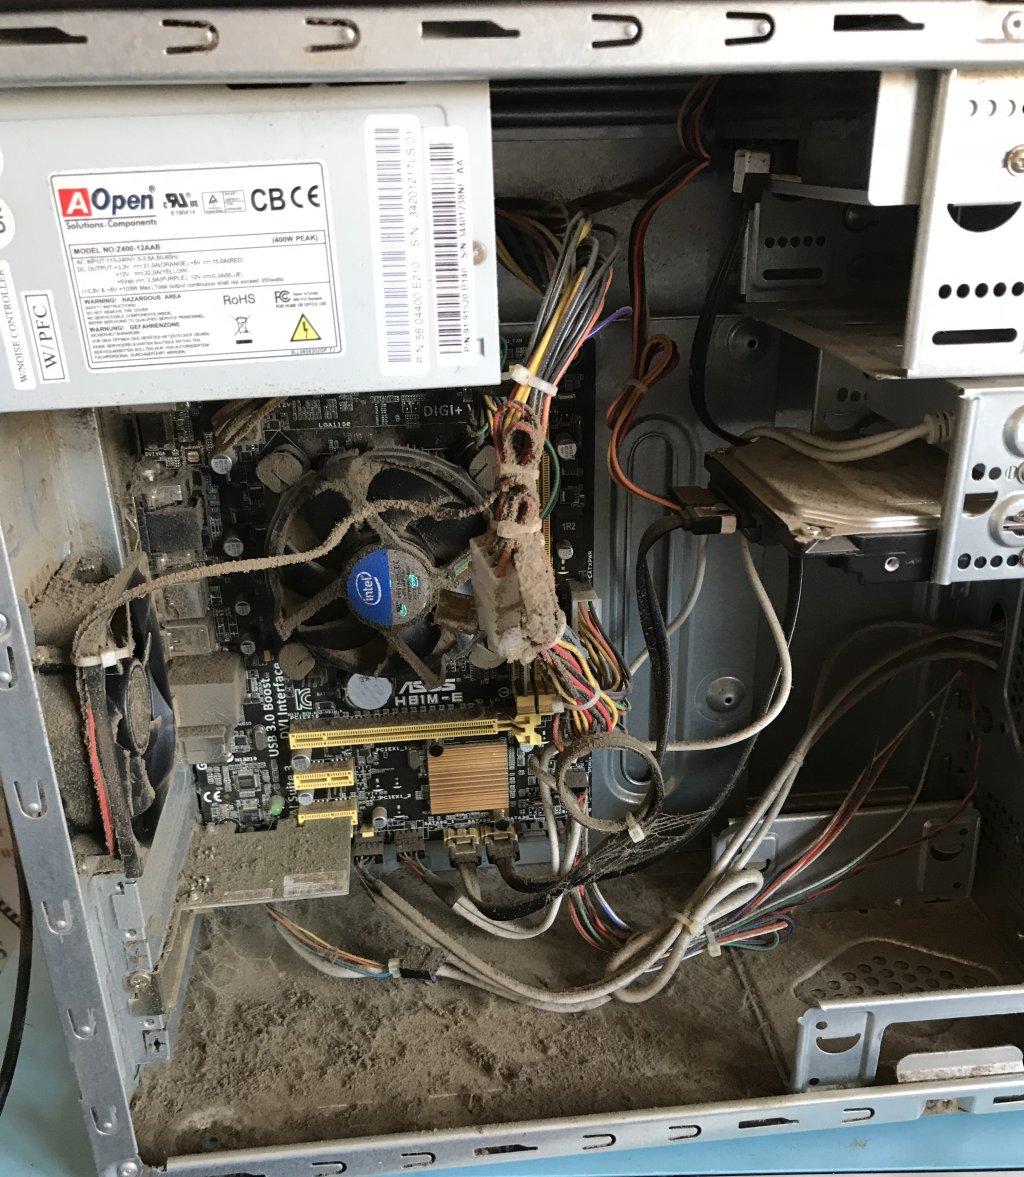 Very dusty desktop PC